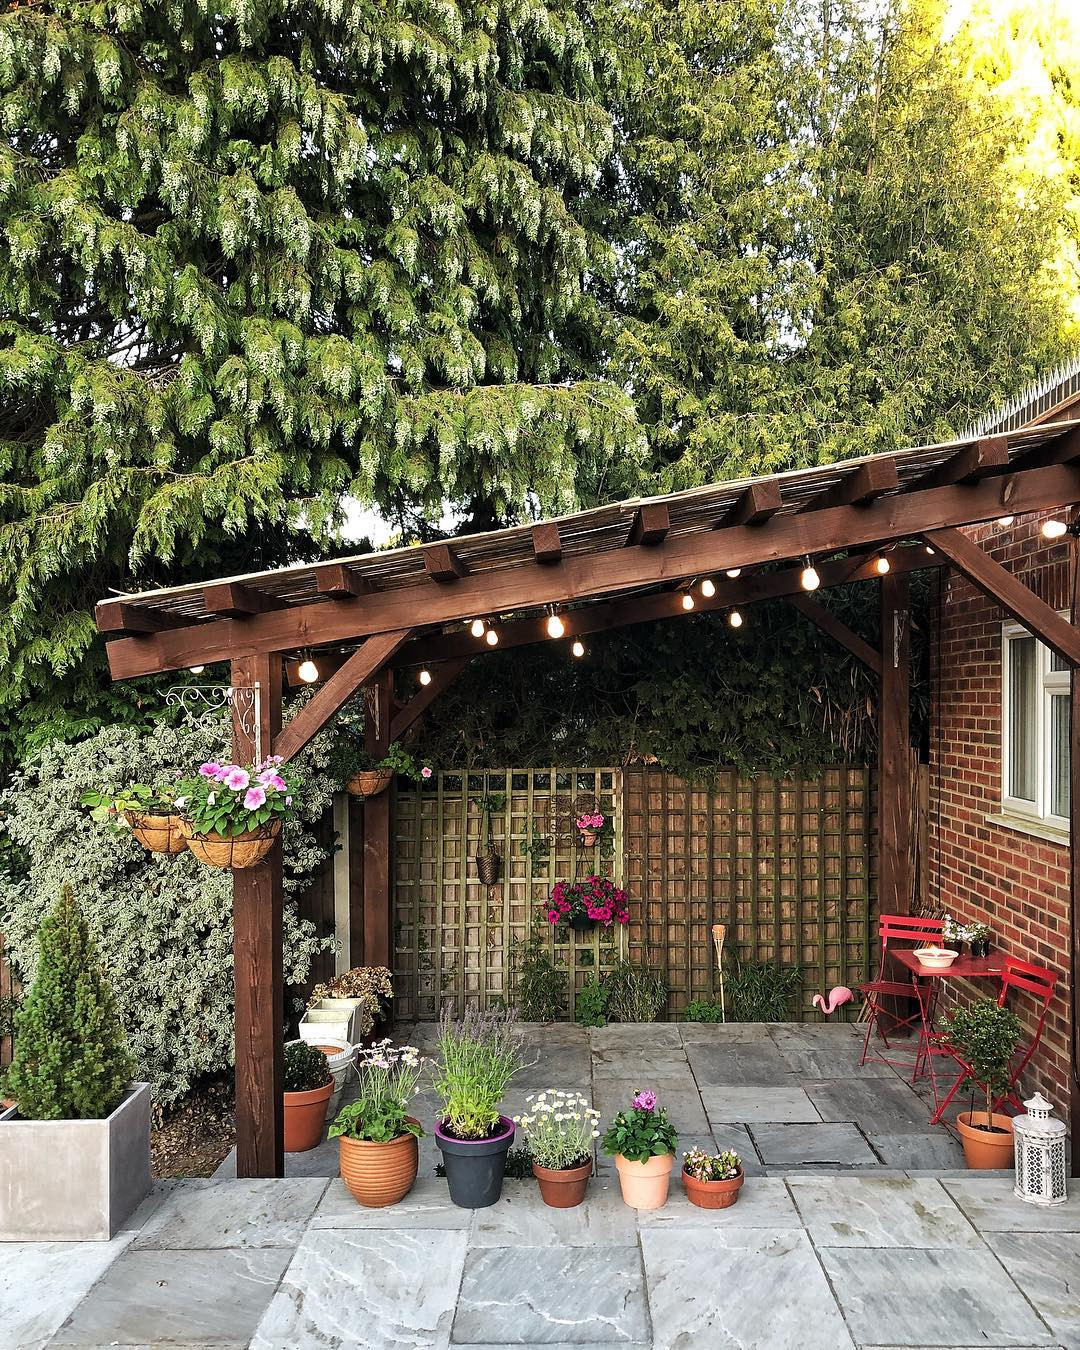 36 Awesome Pergola Design Ideas 2020,covered pergola ideas,pergola ideas for patio,pergola ideas pinterest